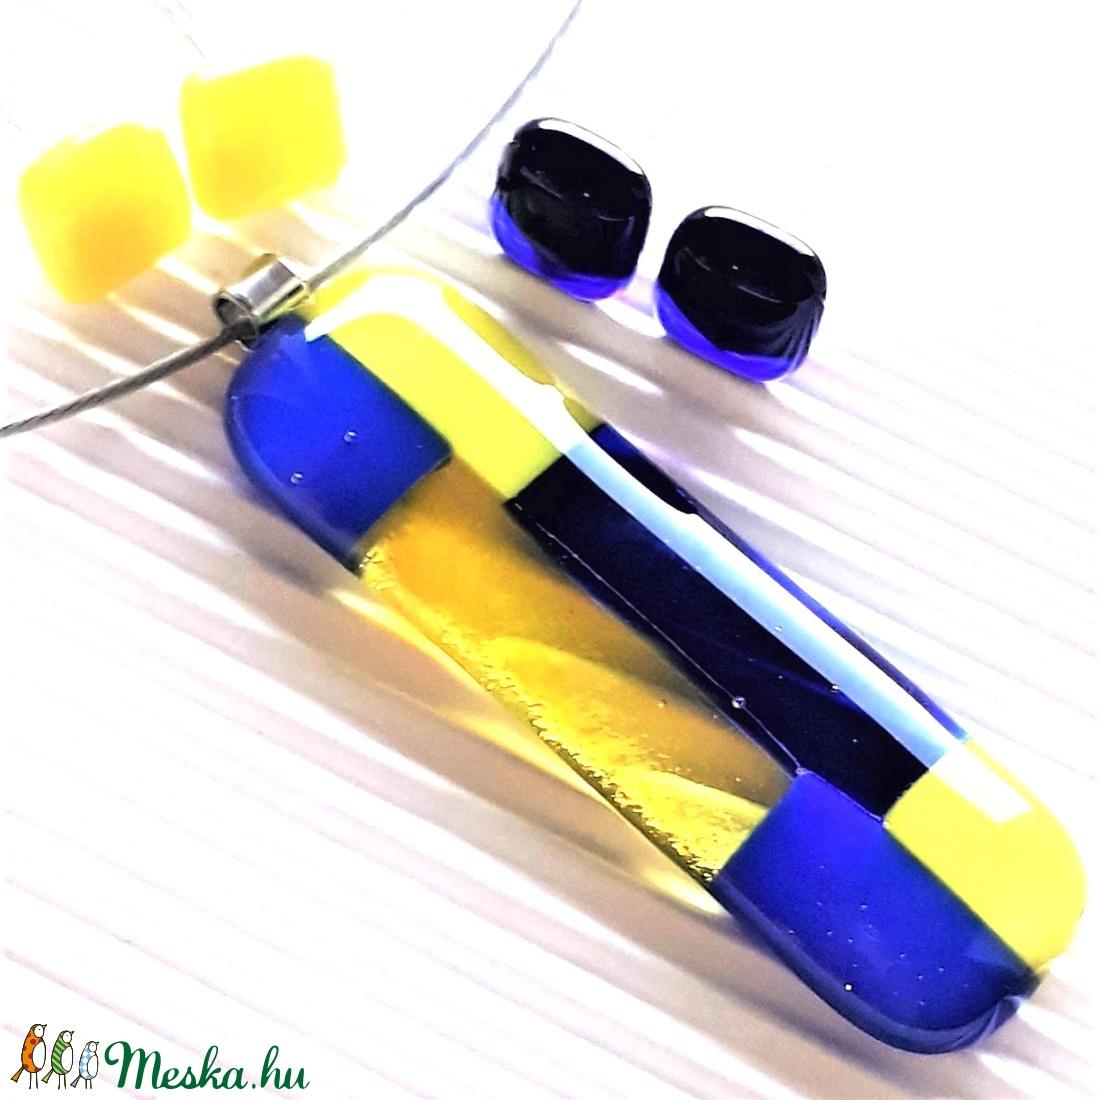 Fiola királykék-citromsárgában üveg medál és 2 pár fülbevaló, NEMESACÉL/ORVOSI FÉM, üvegékszer SZETT - ékszer - ékszerszett - Meska.hu